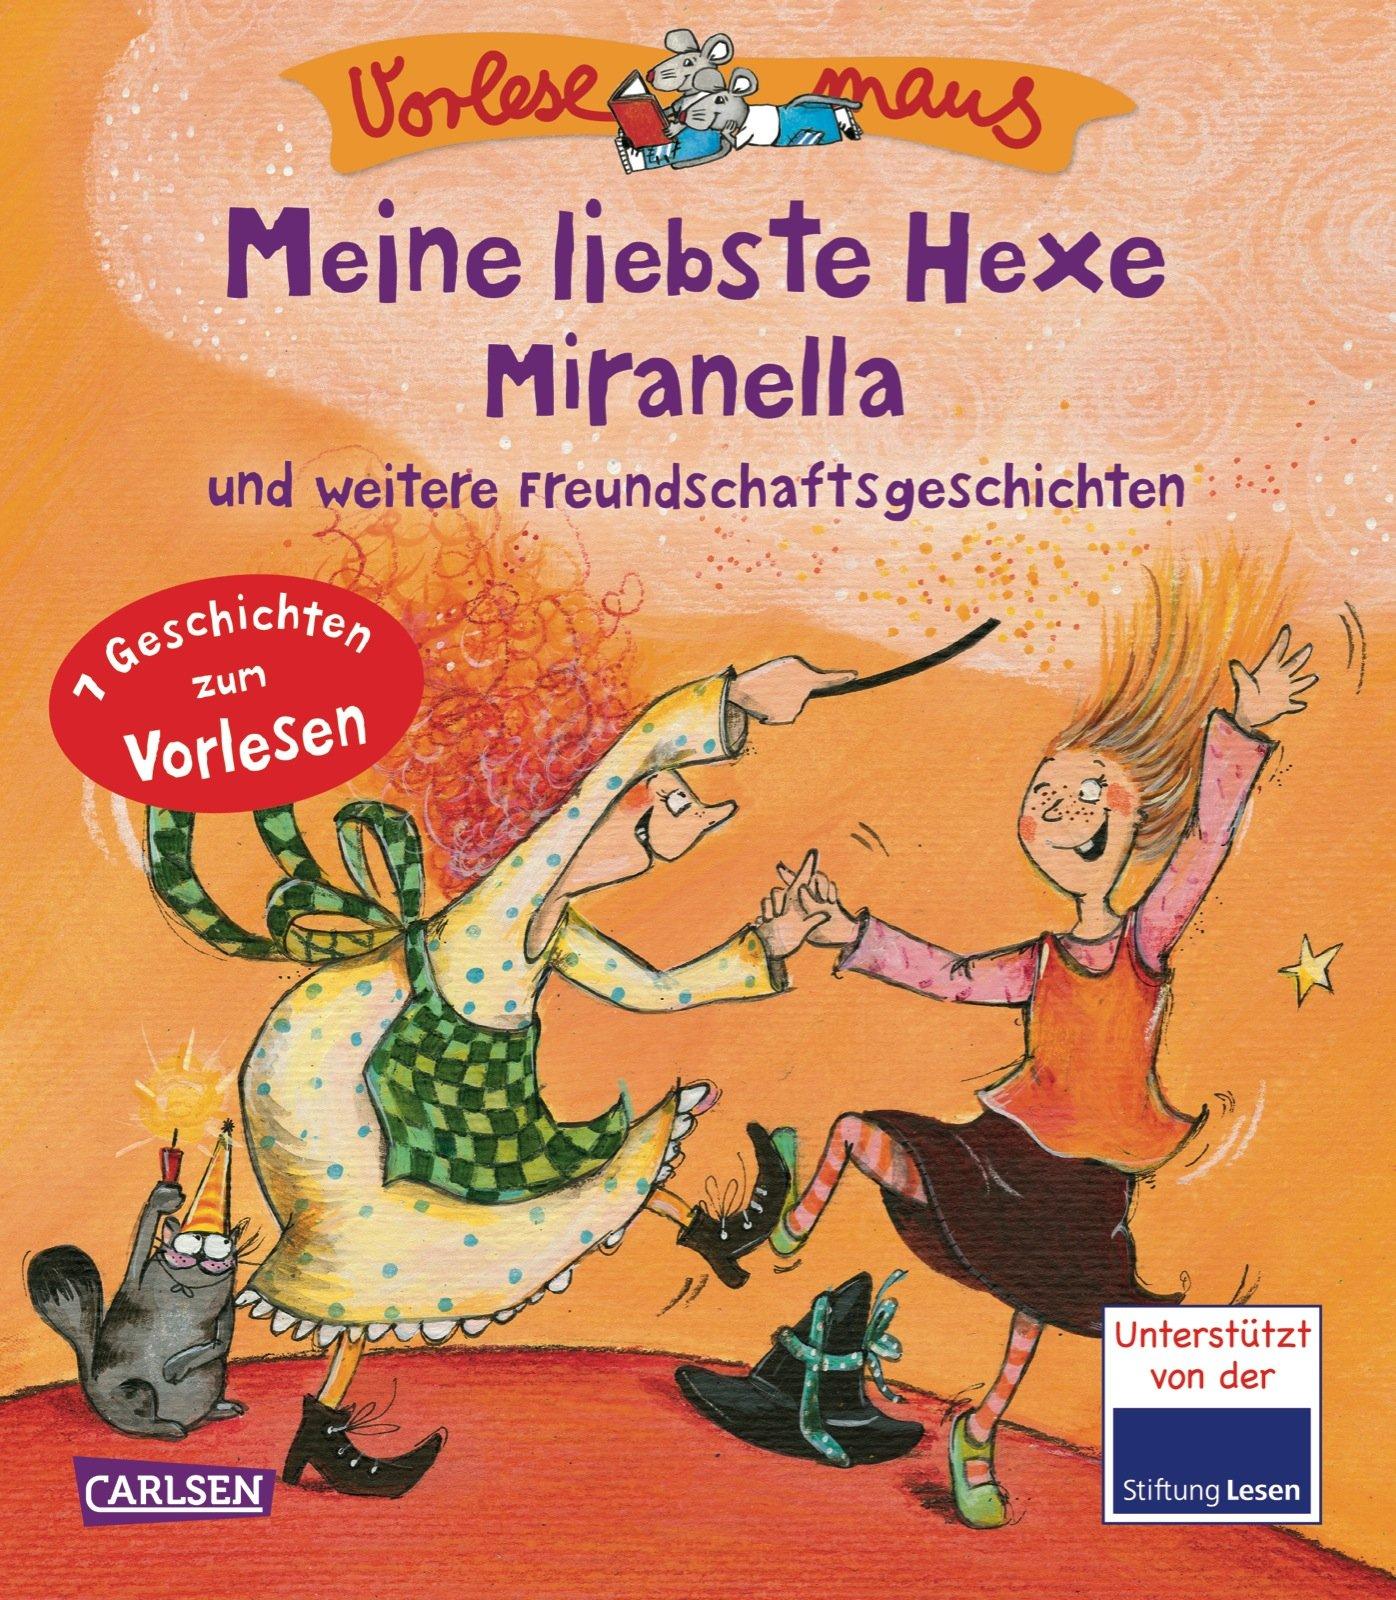 VORLESEMAUS 2: Meine liebste Hexe Miranella: und weitere Freundschaftsgeschichten